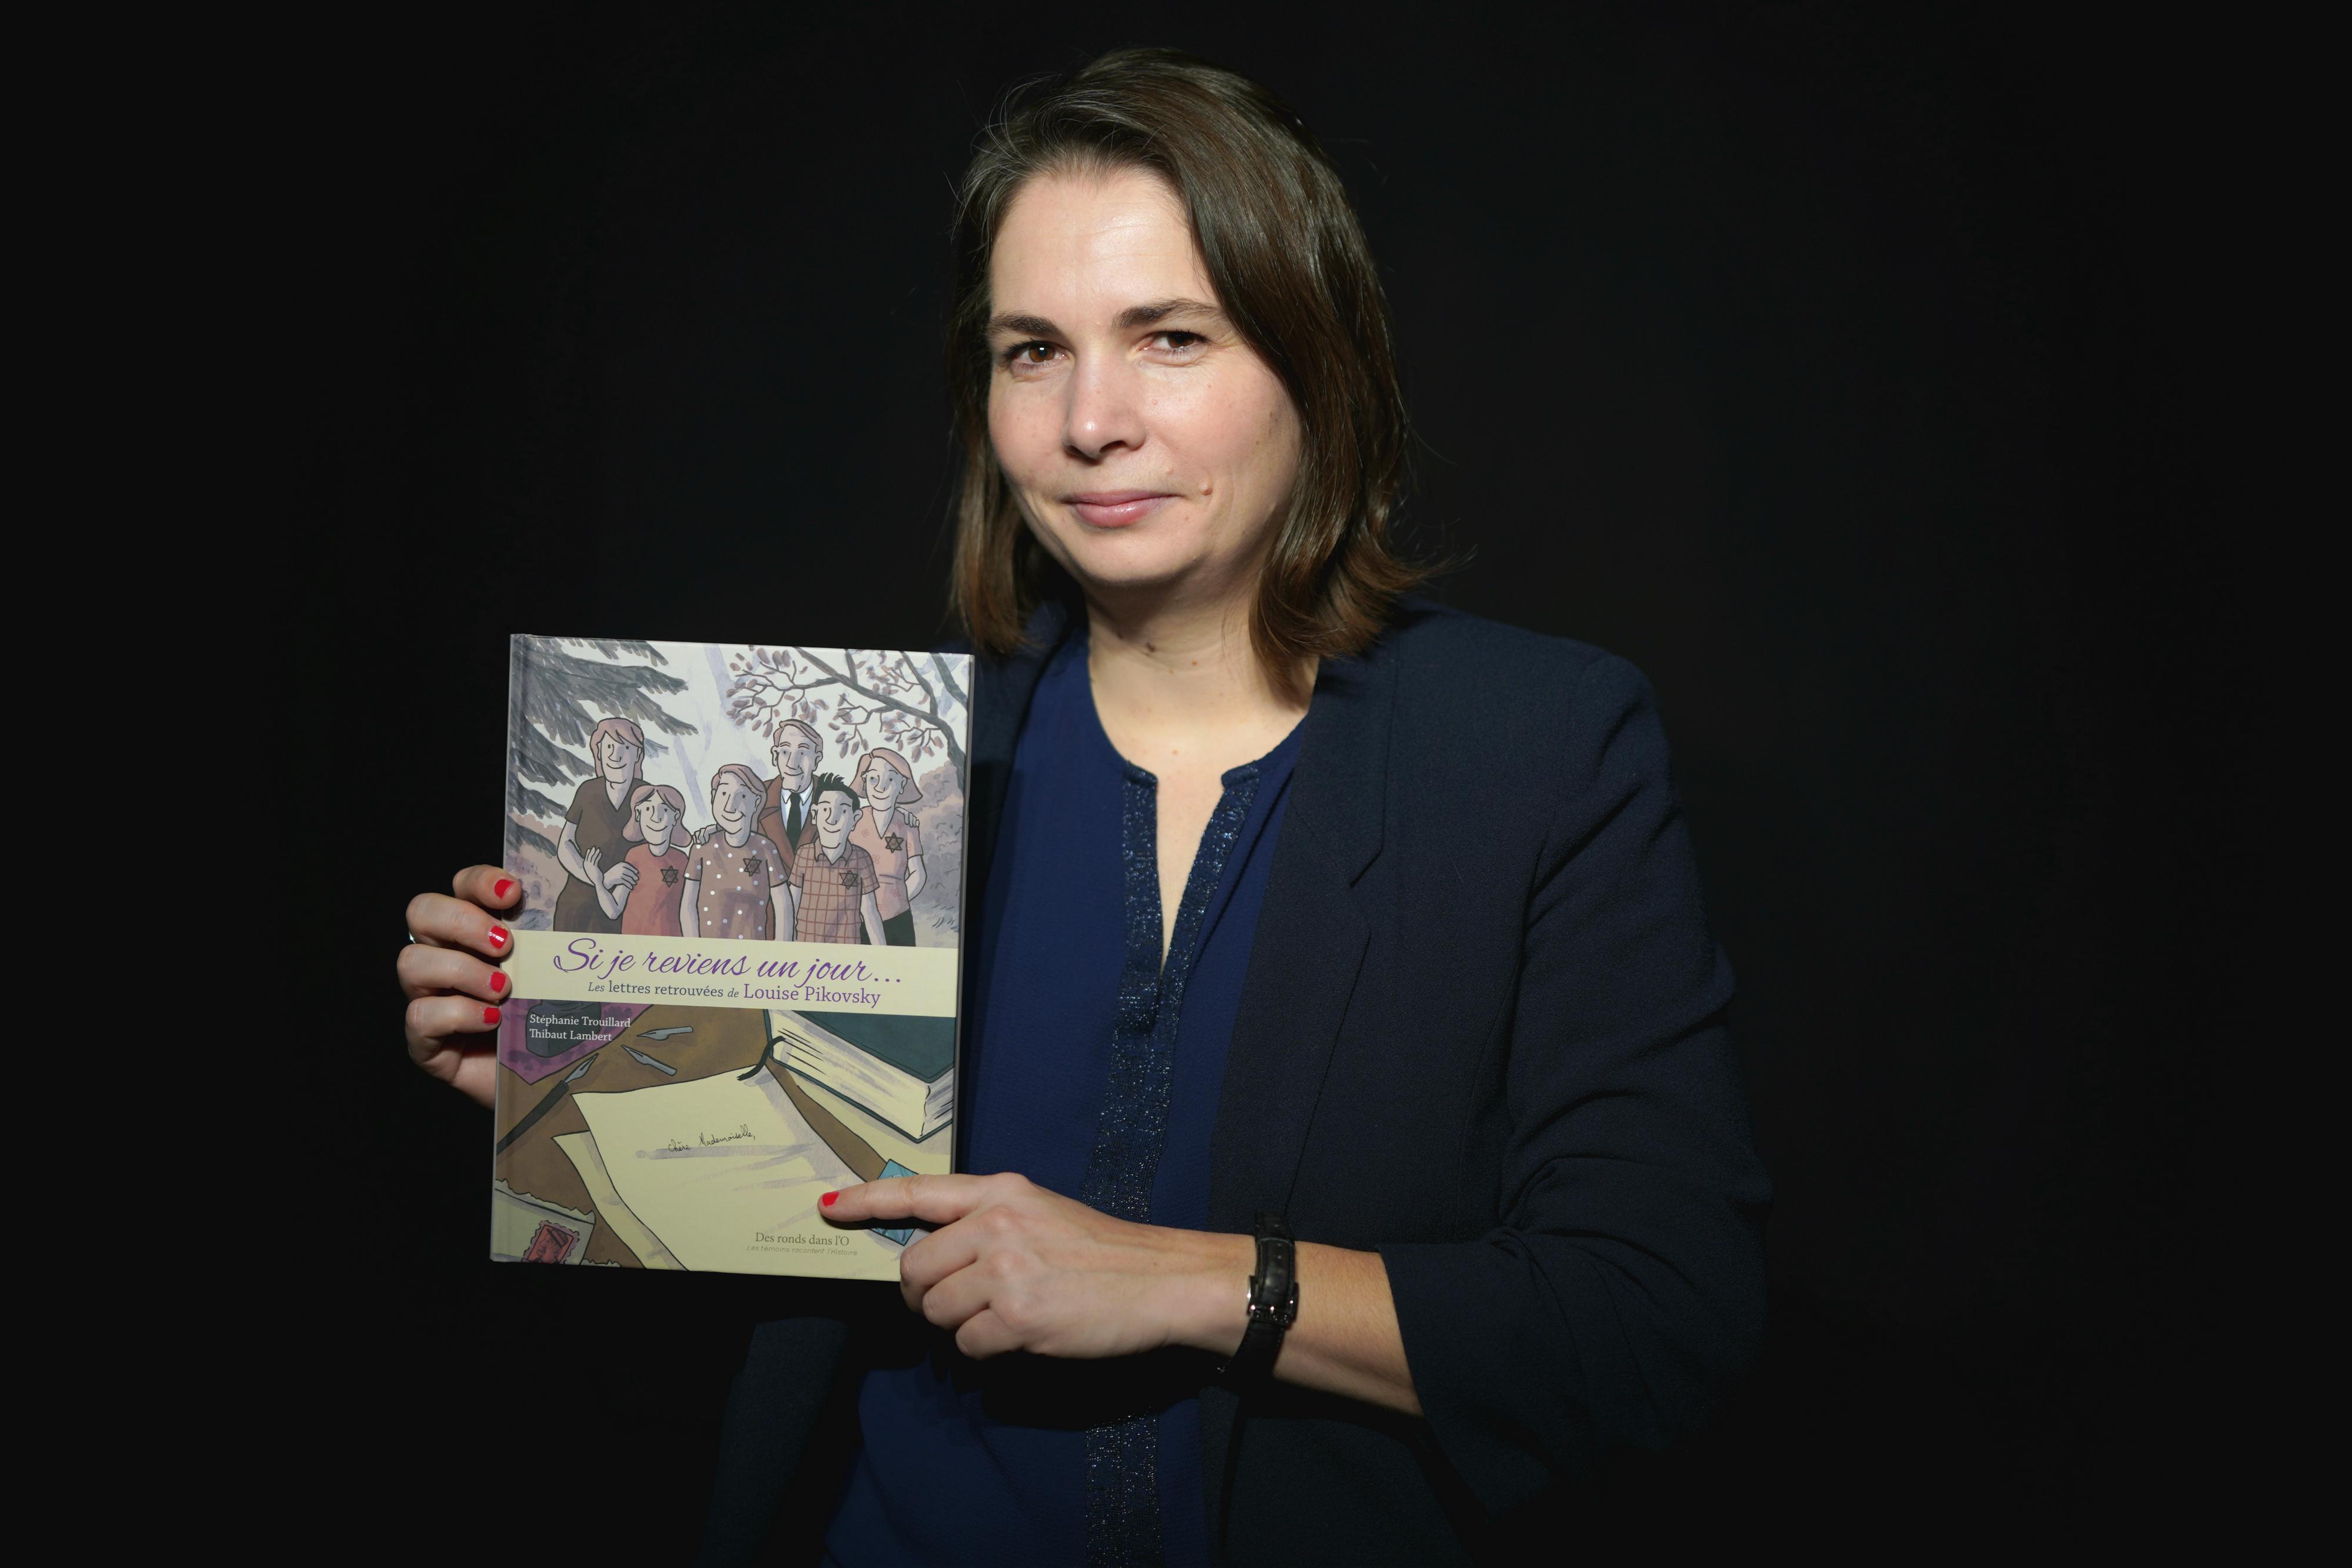 Si je reviens un jour… Les lettres retrouvées de Louise Pikovsky, avec Stéphanie Trouillard